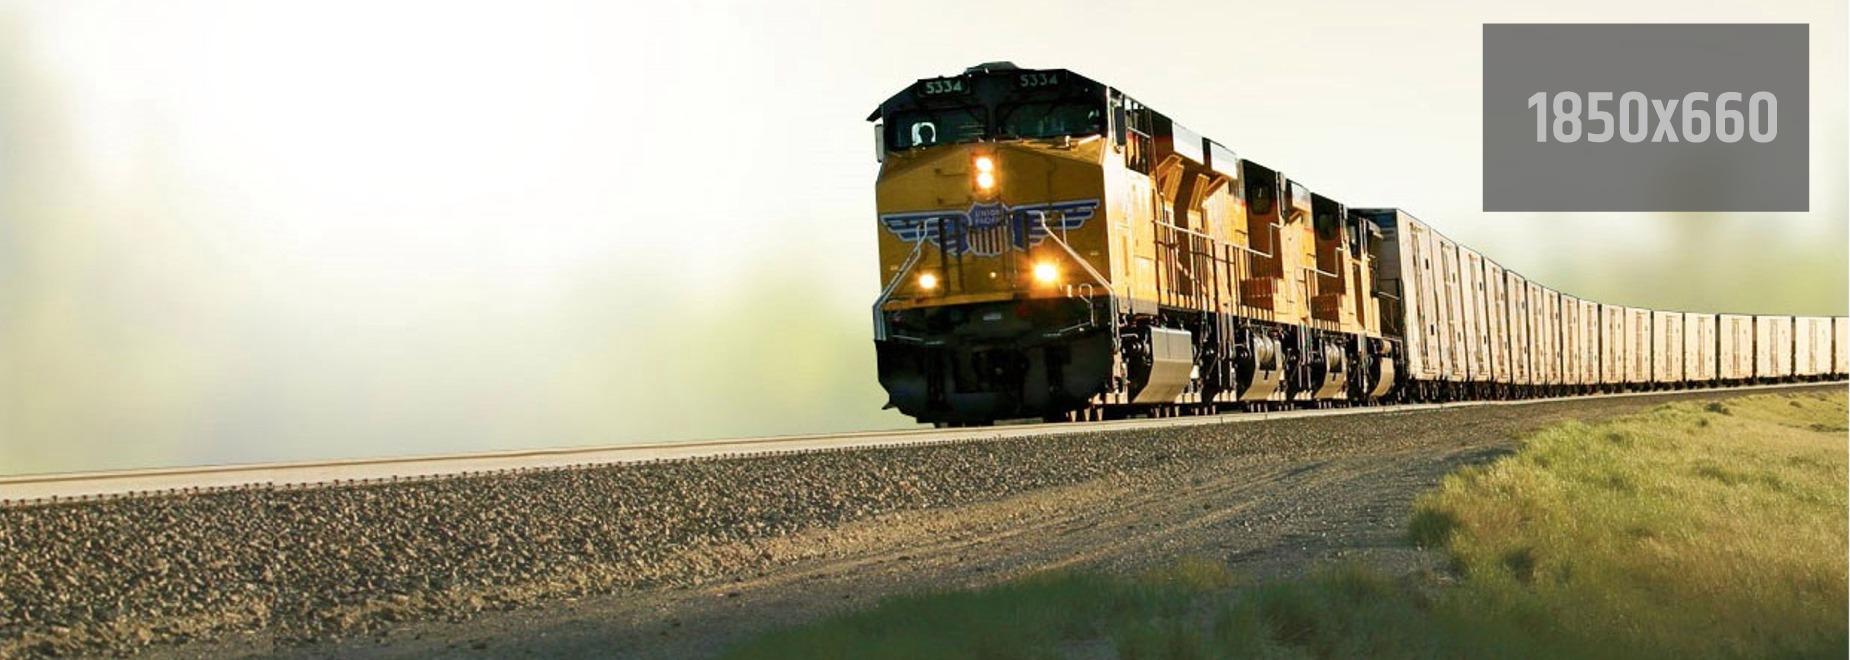 Transportation Solutions :: Neque porro quisquam est qui dolorem ipsum quia dolor sit amet, consectetur 1